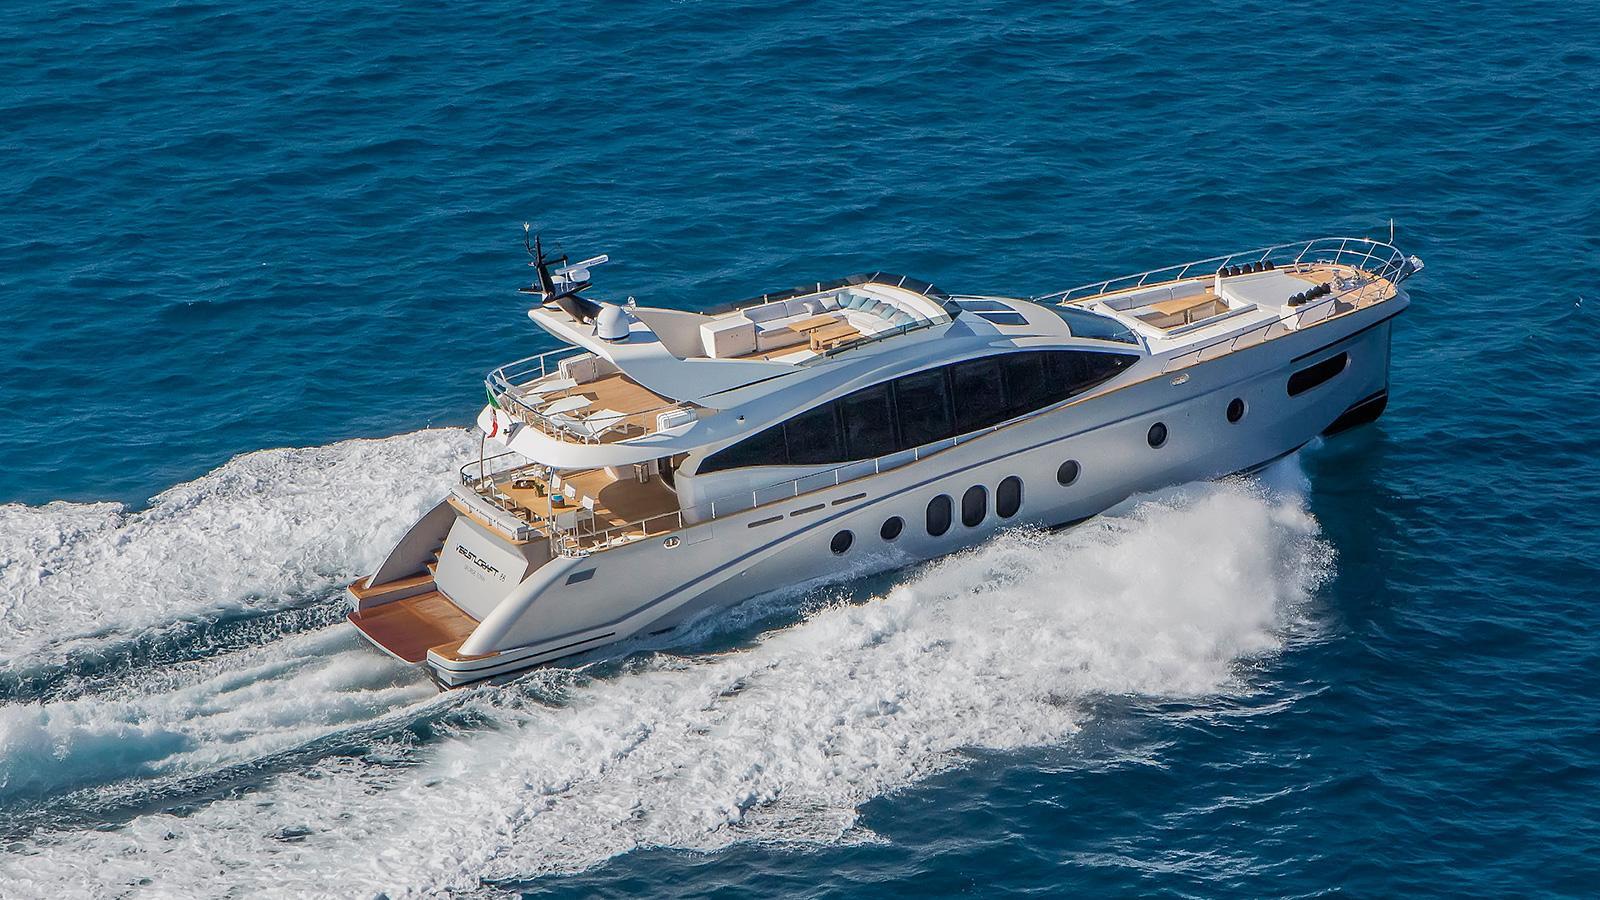 versilcraft 86 motoryacht versilcraft 26m 2016 cruising